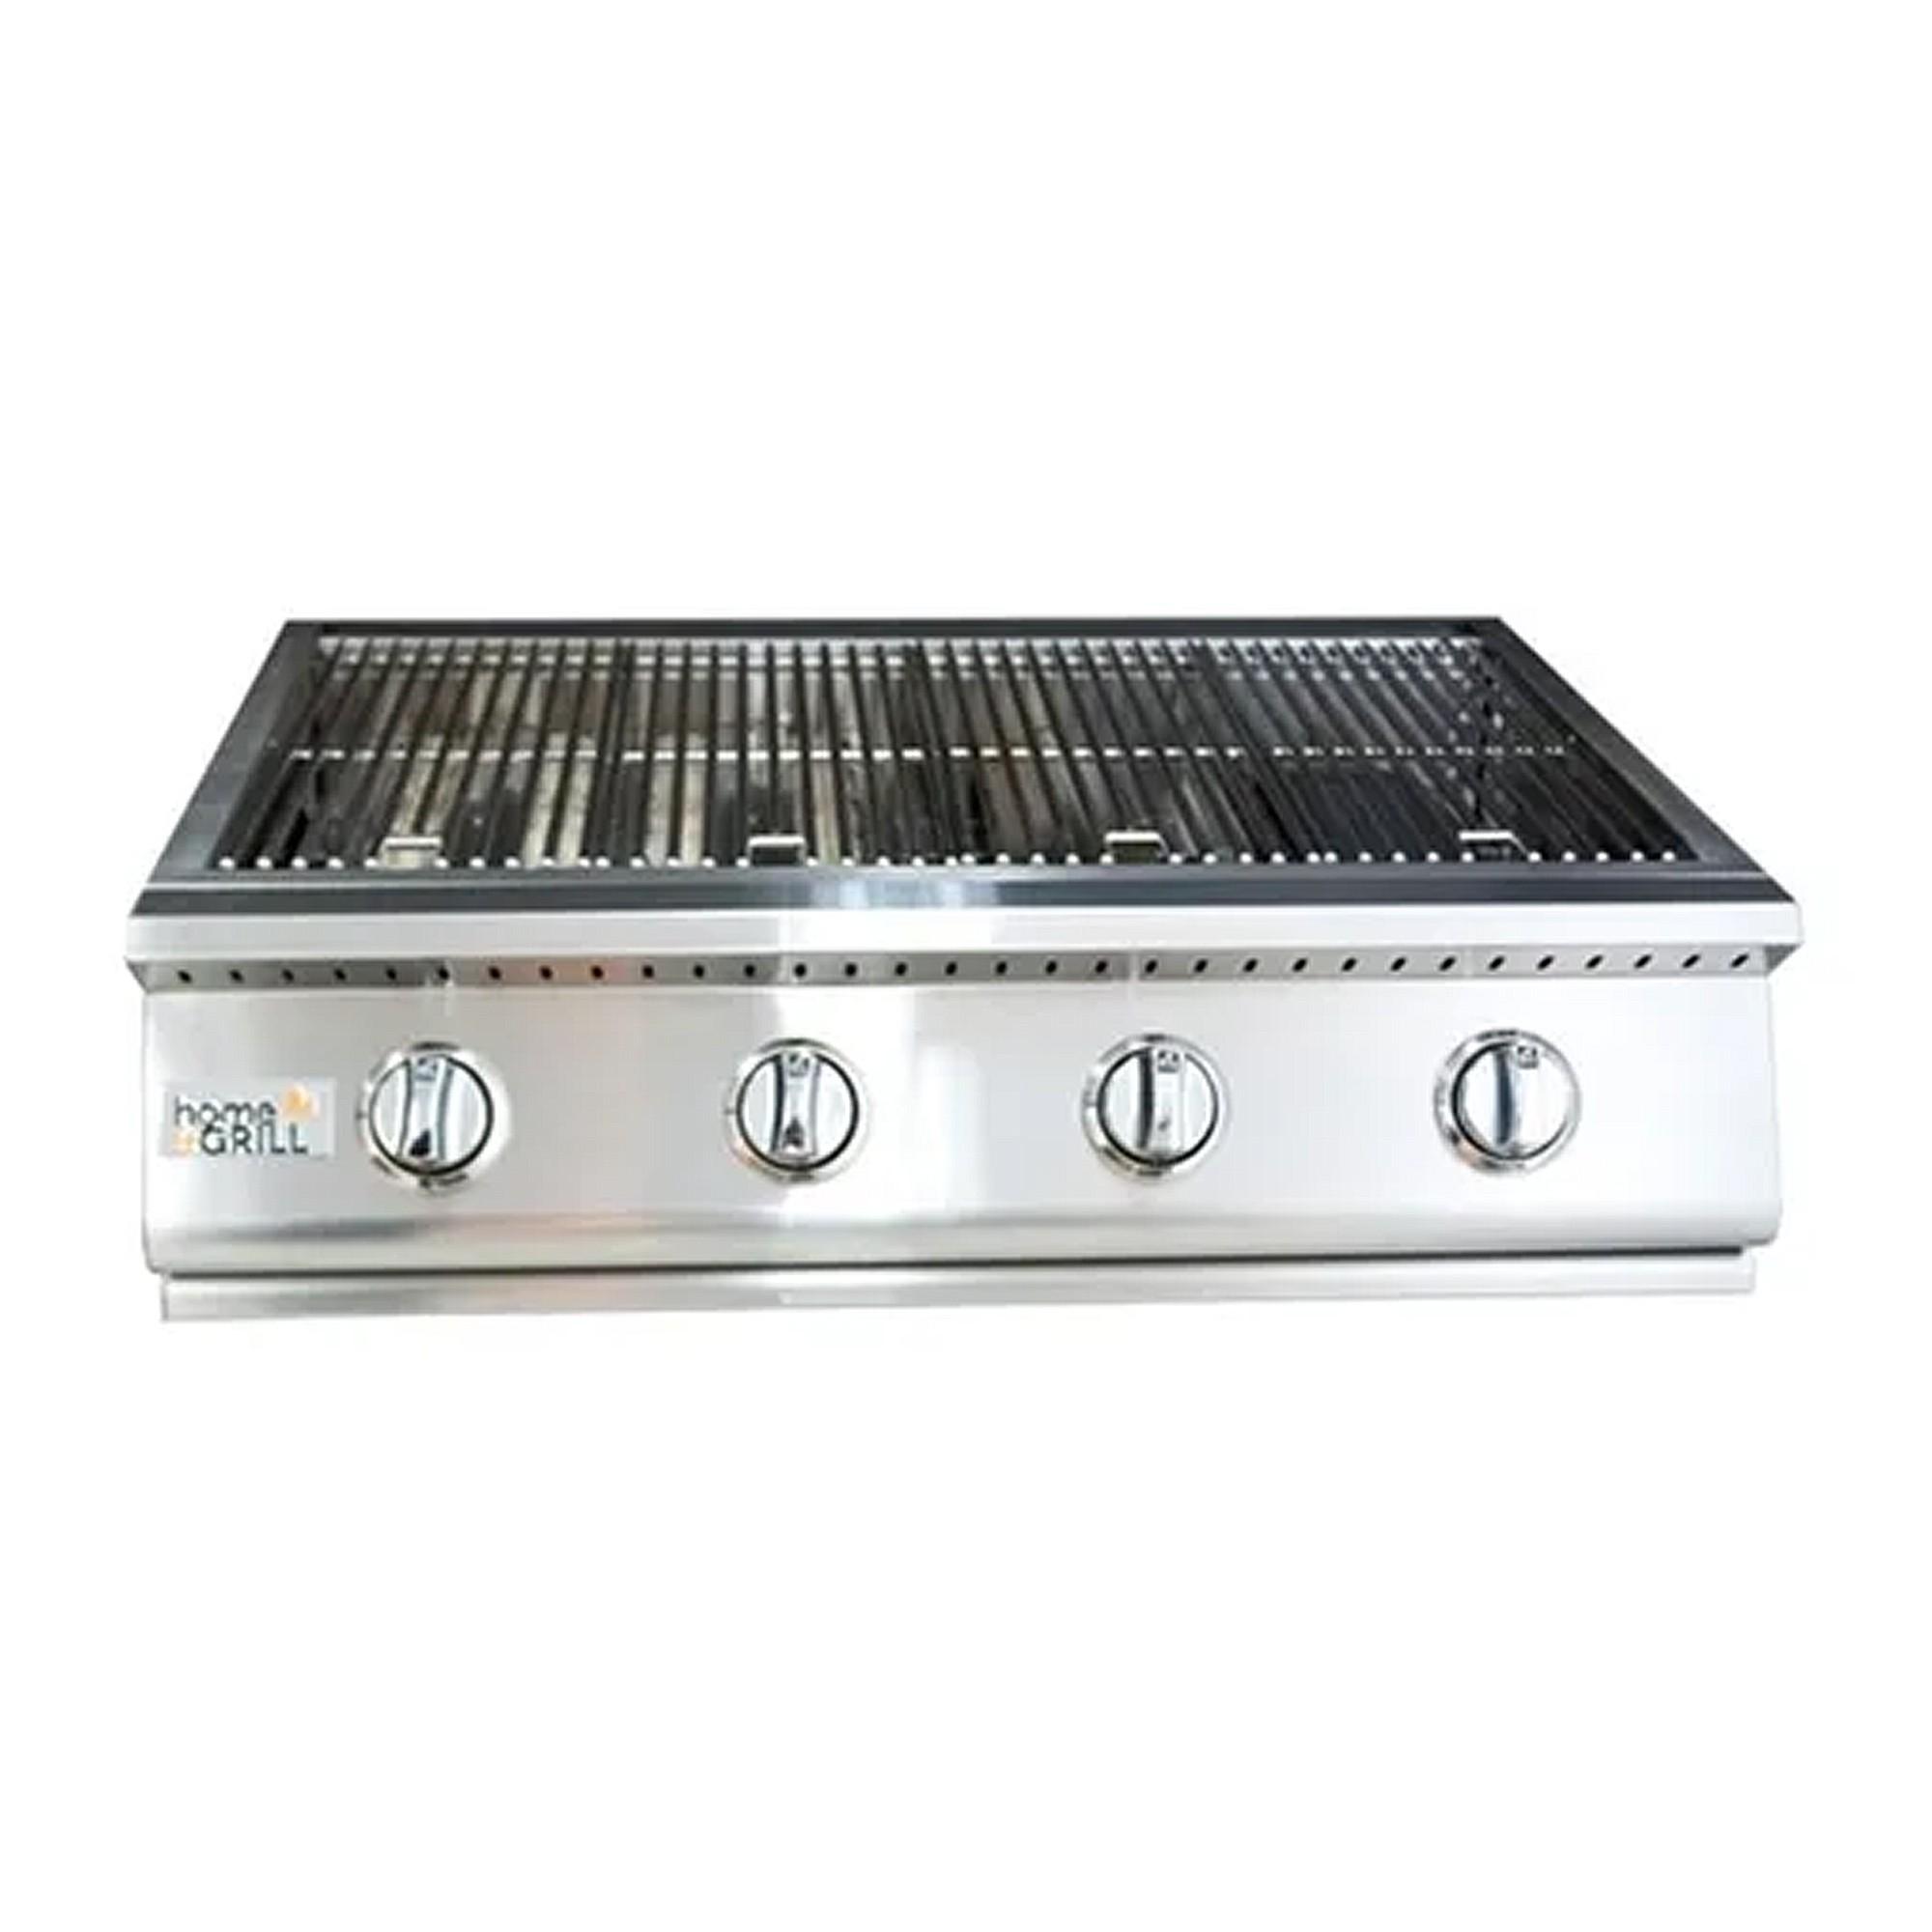 Grelhador Premium Home & Grill HG-4B Inox 304 (4 bocas)